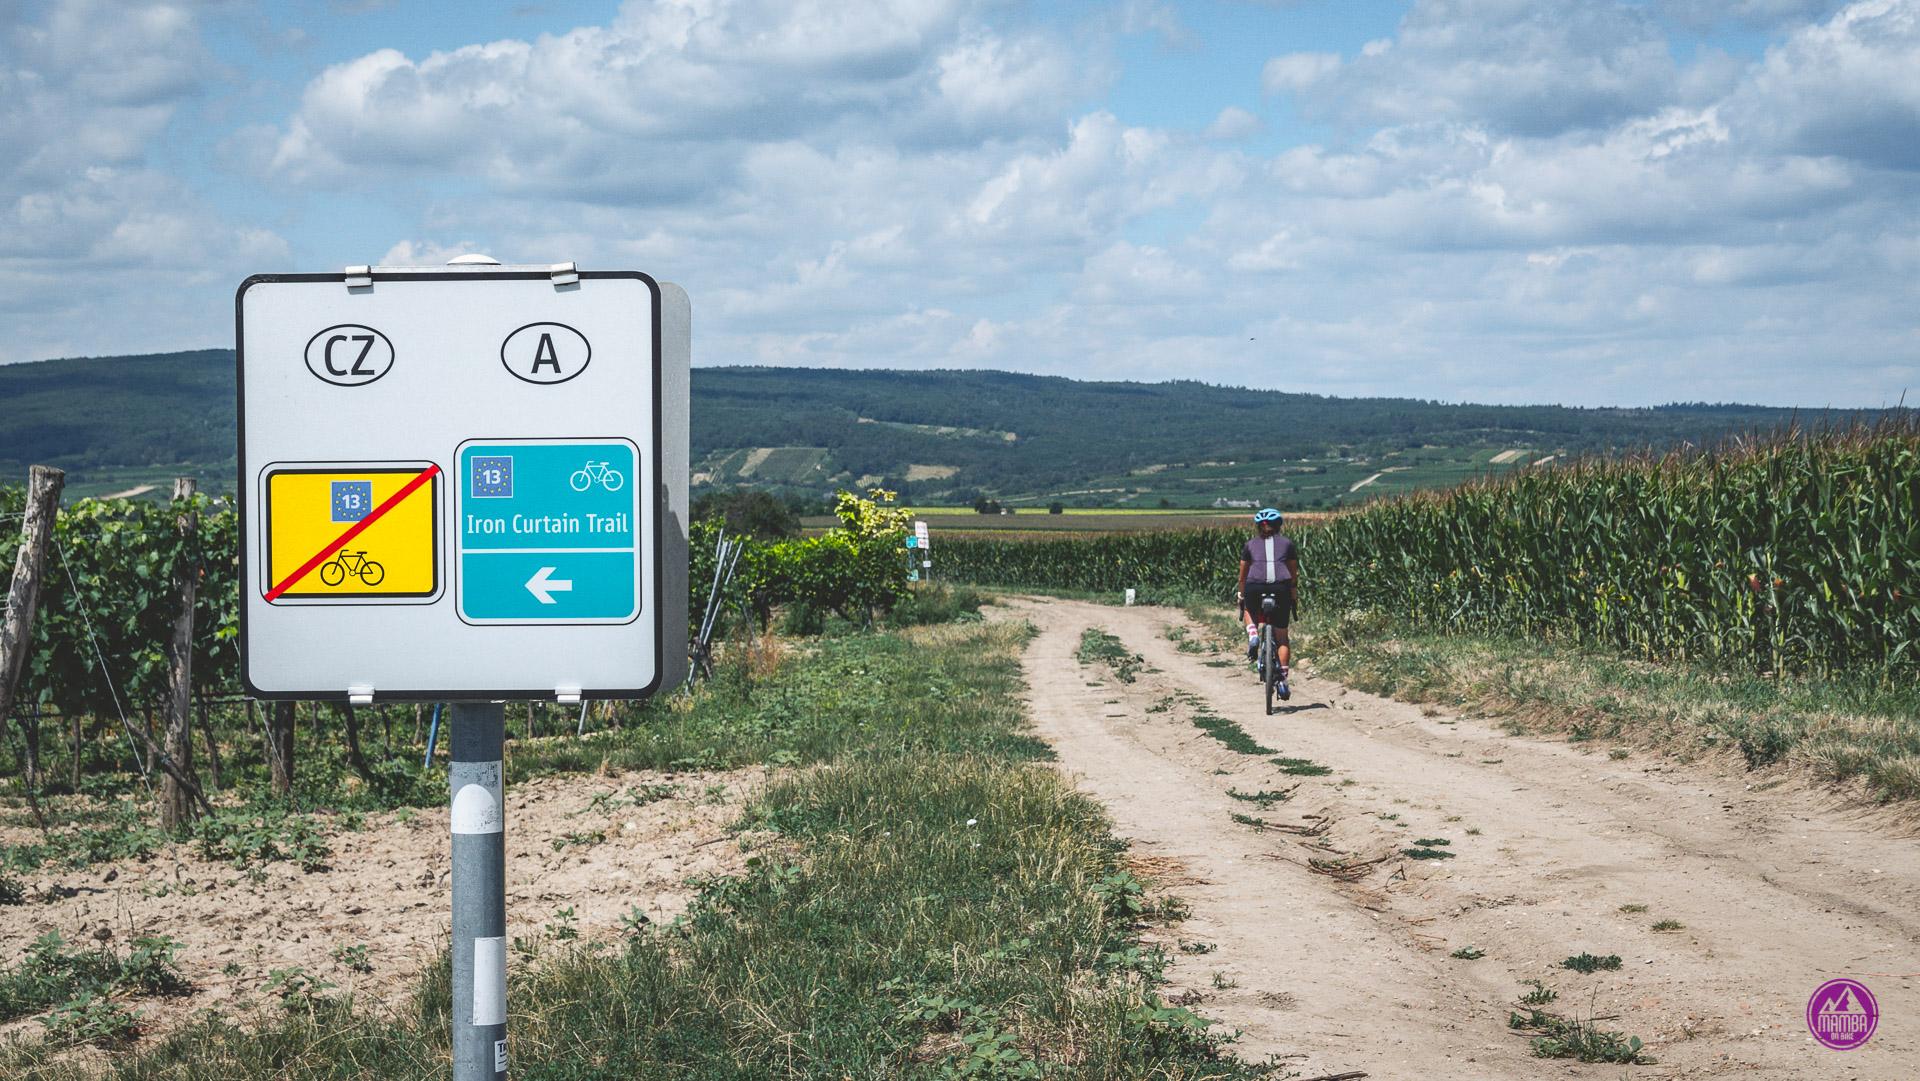 Eurovelo 13 Szlak Żelaznej Kurtyny